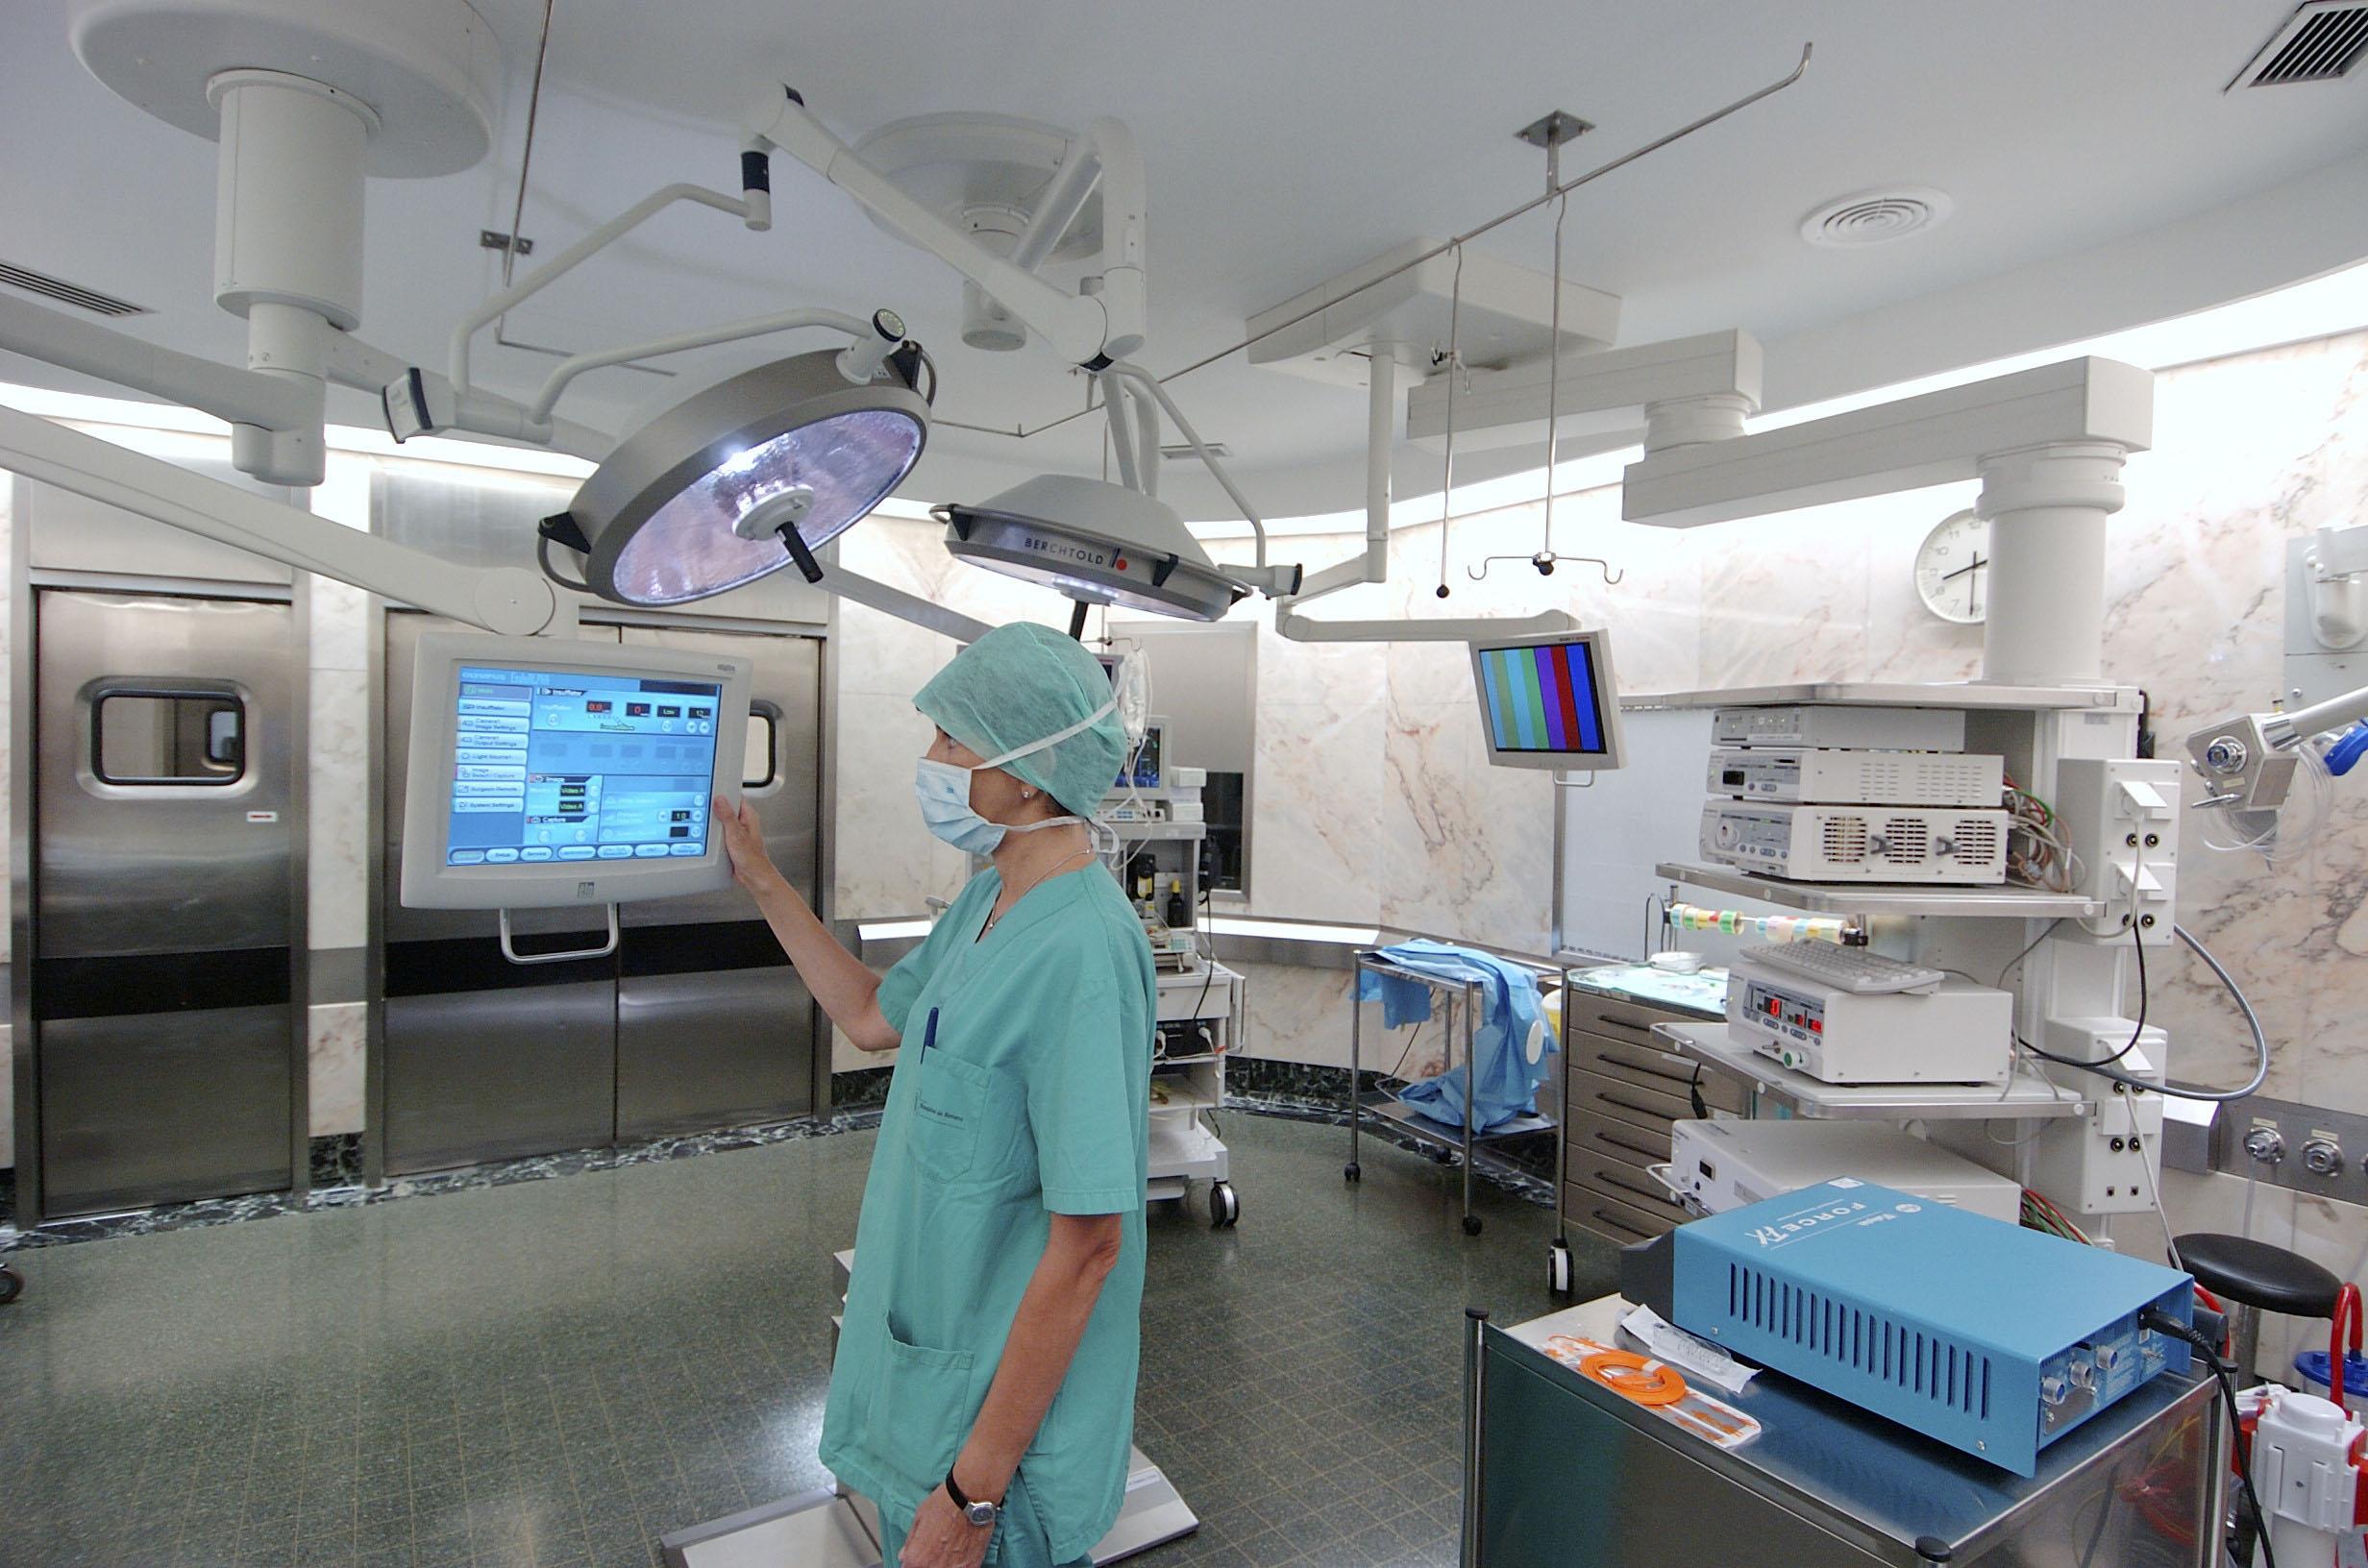 Enfermera real en centro de salud - 5 2